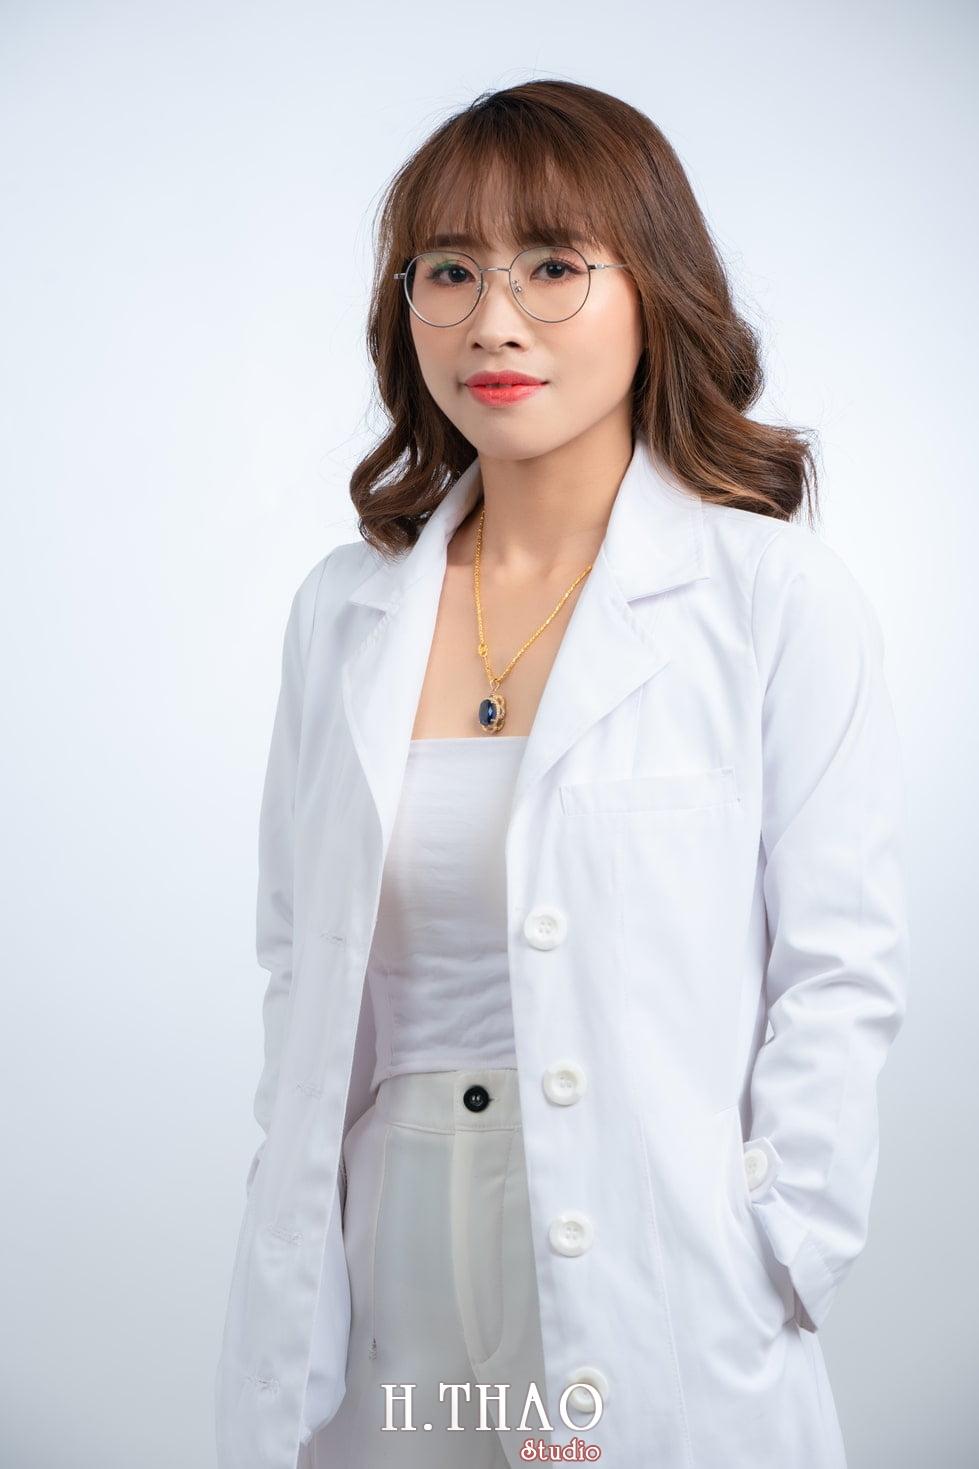 Ảnh profile nữ bác sỹ trong studio